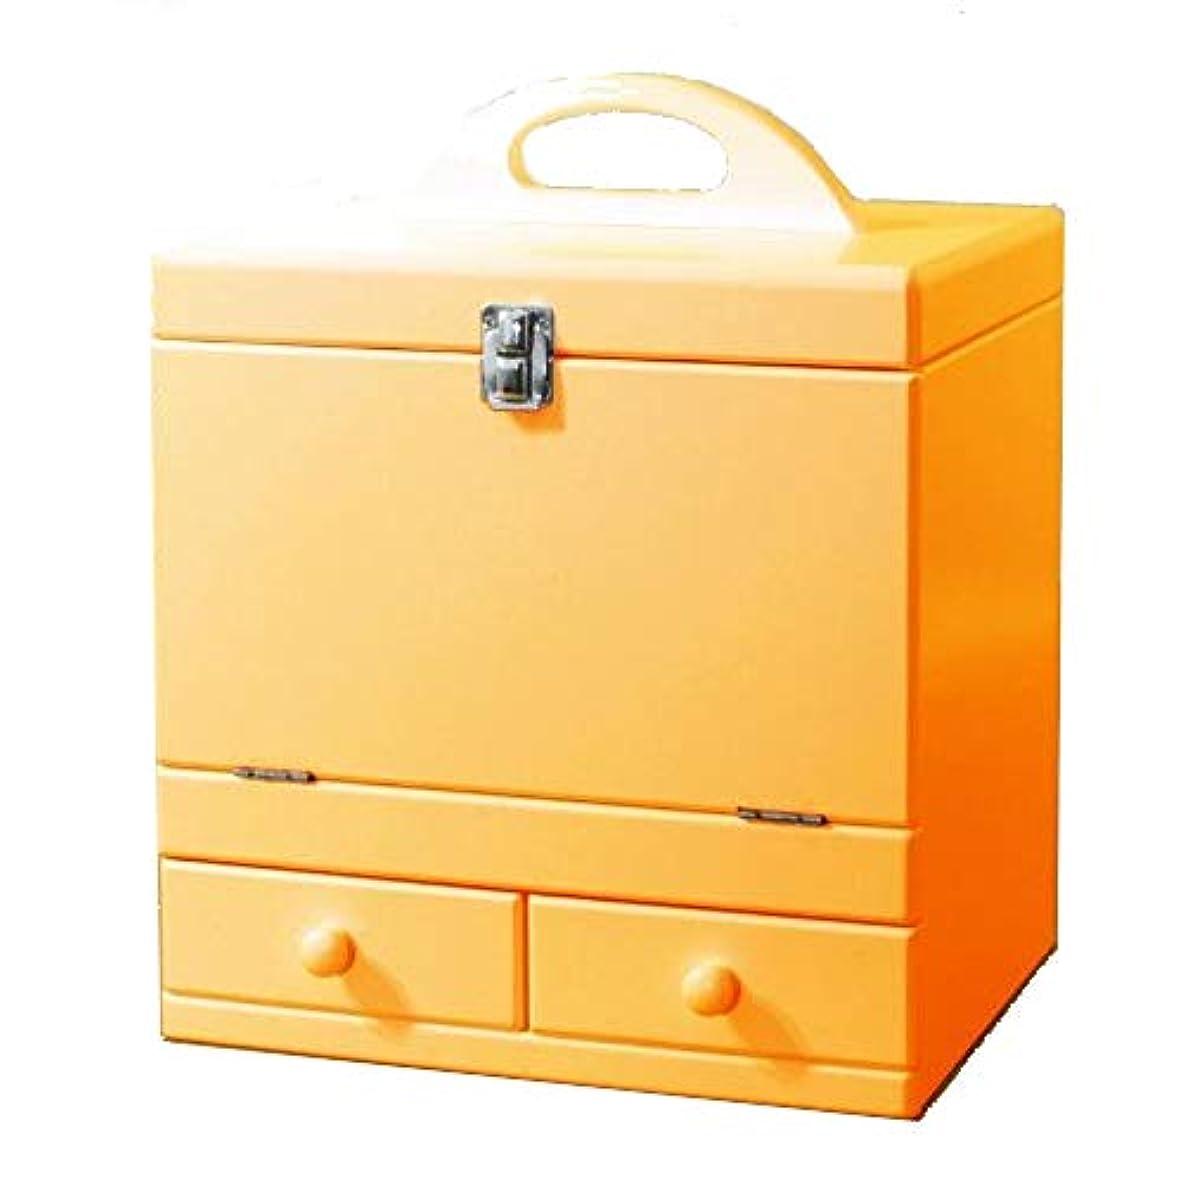 進化するテーブル賠償メイクボックス 三面鏡付き(色:ナチュラルオレンジ) tu-852 カラフルコスメボックス